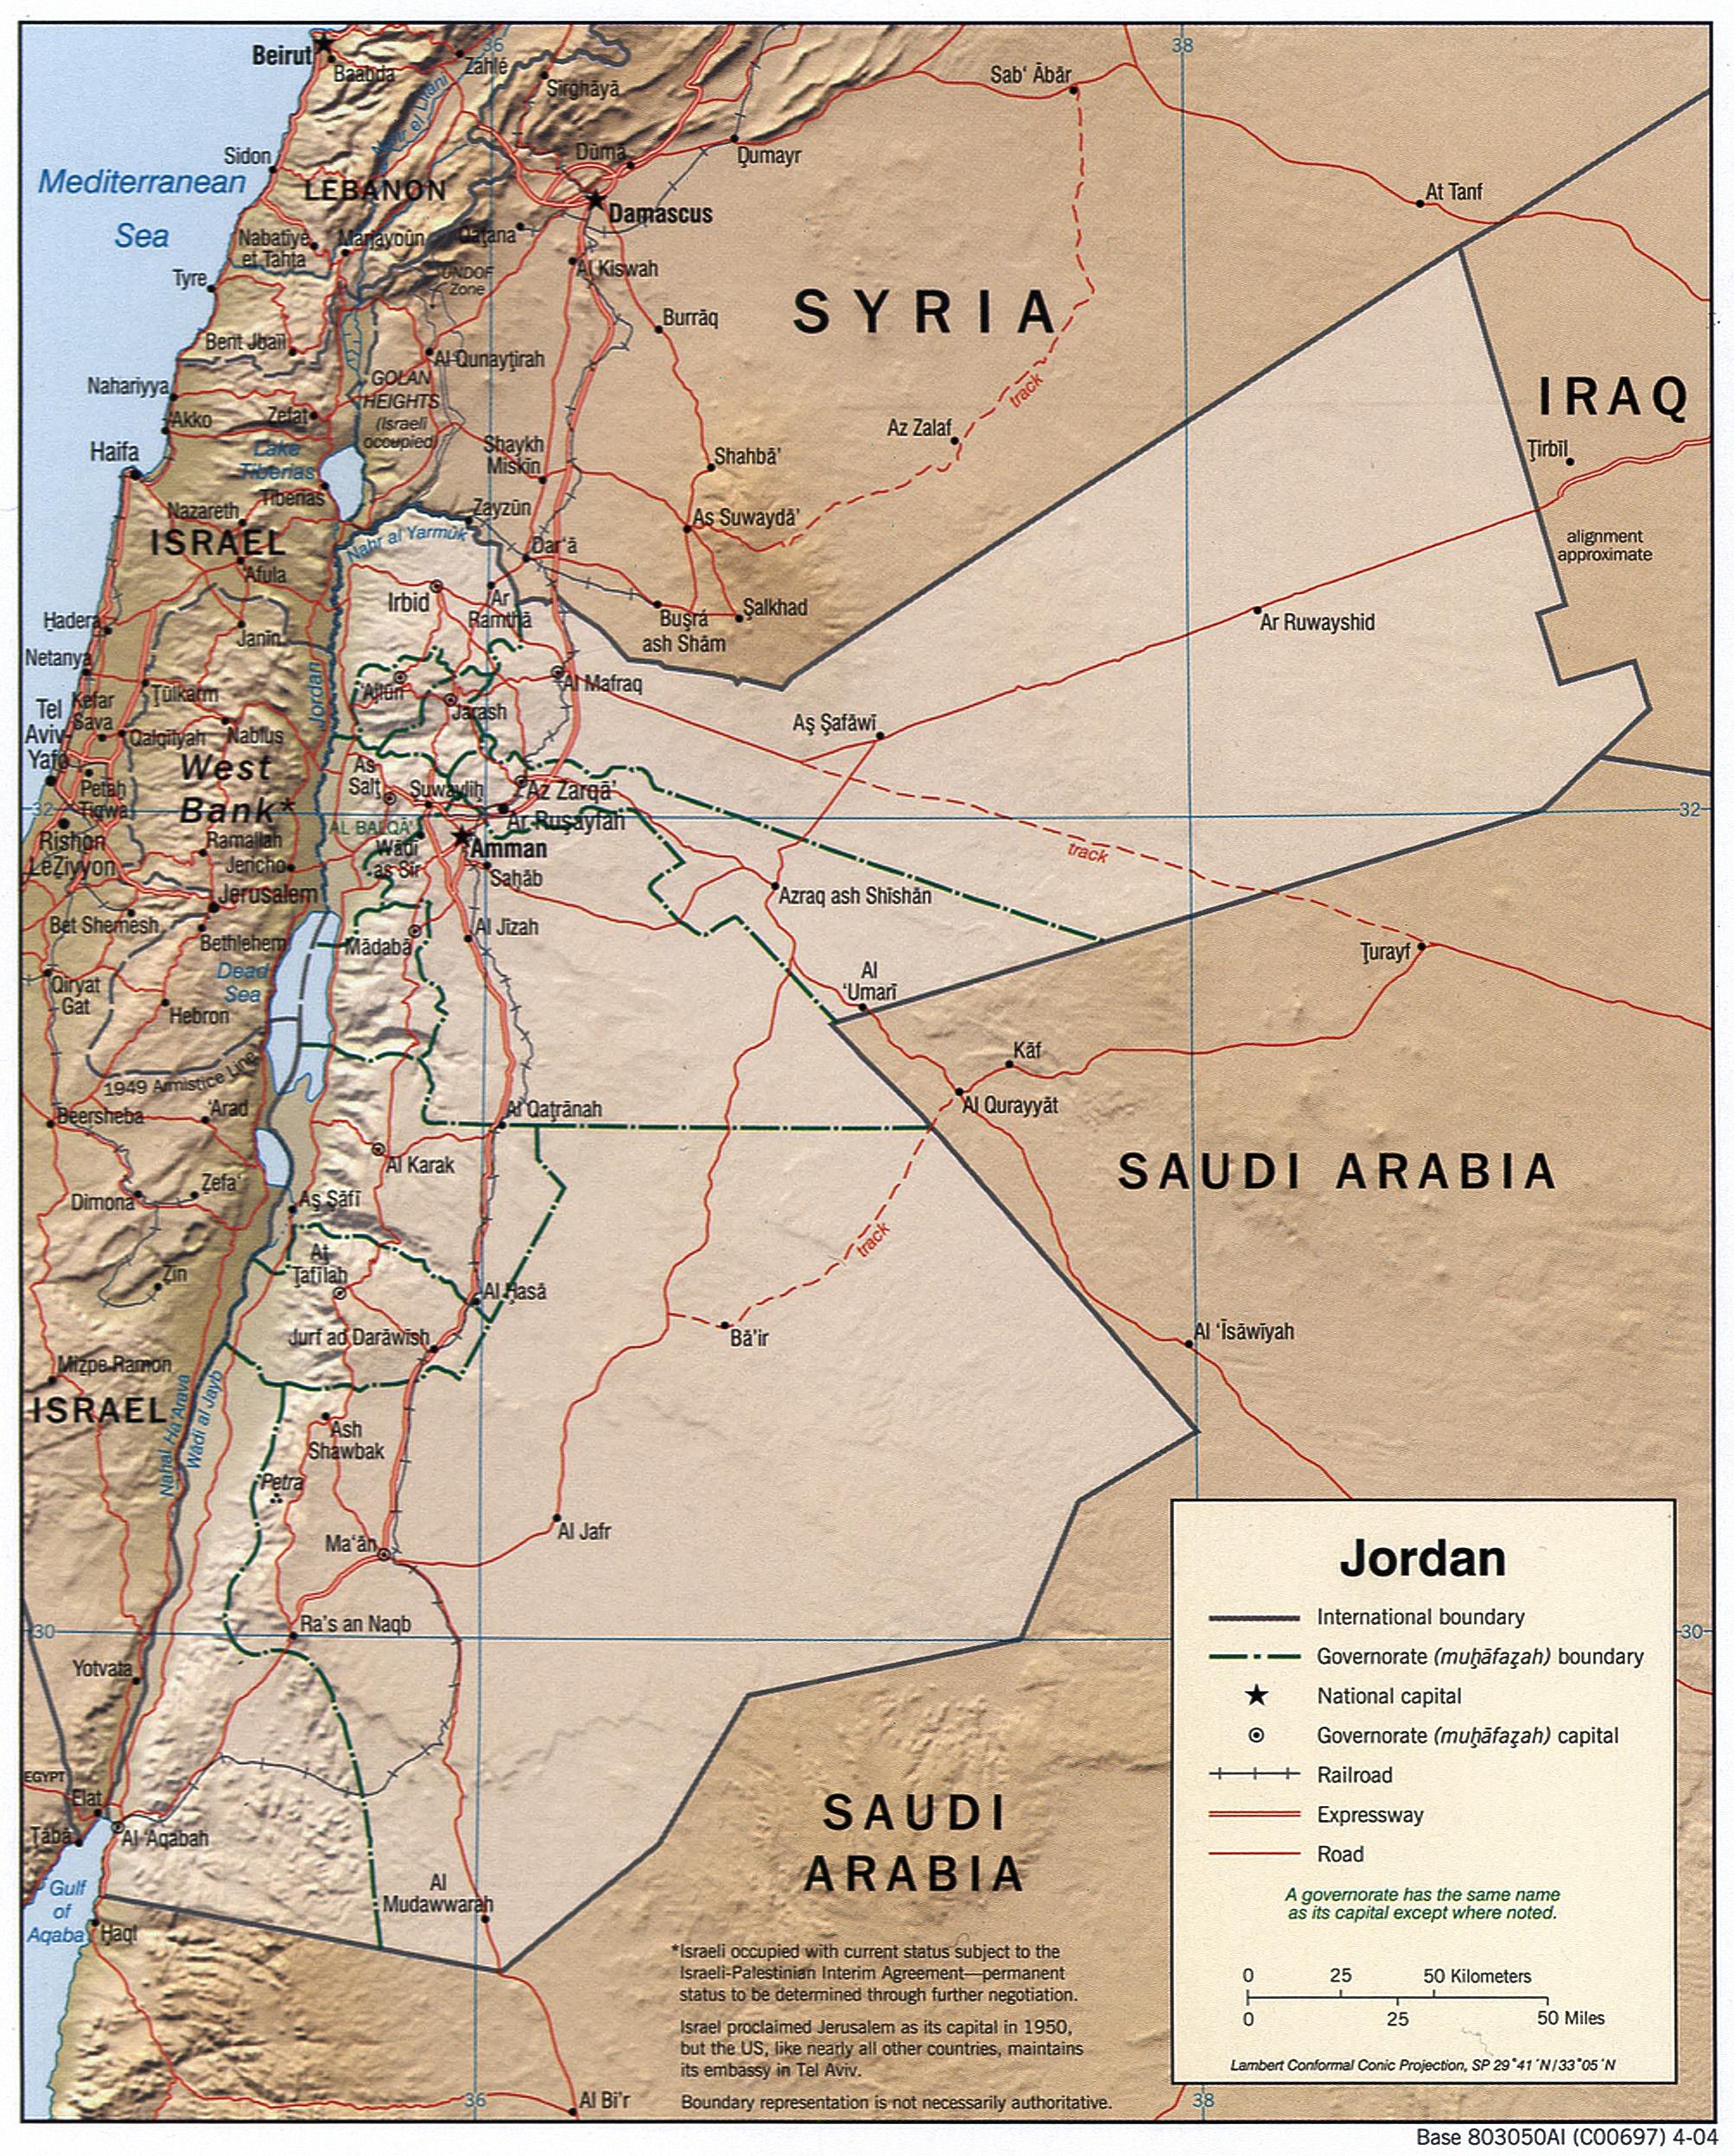 Las miserias reales en Jordania Por Thierry Meyssan   Red Voltaire